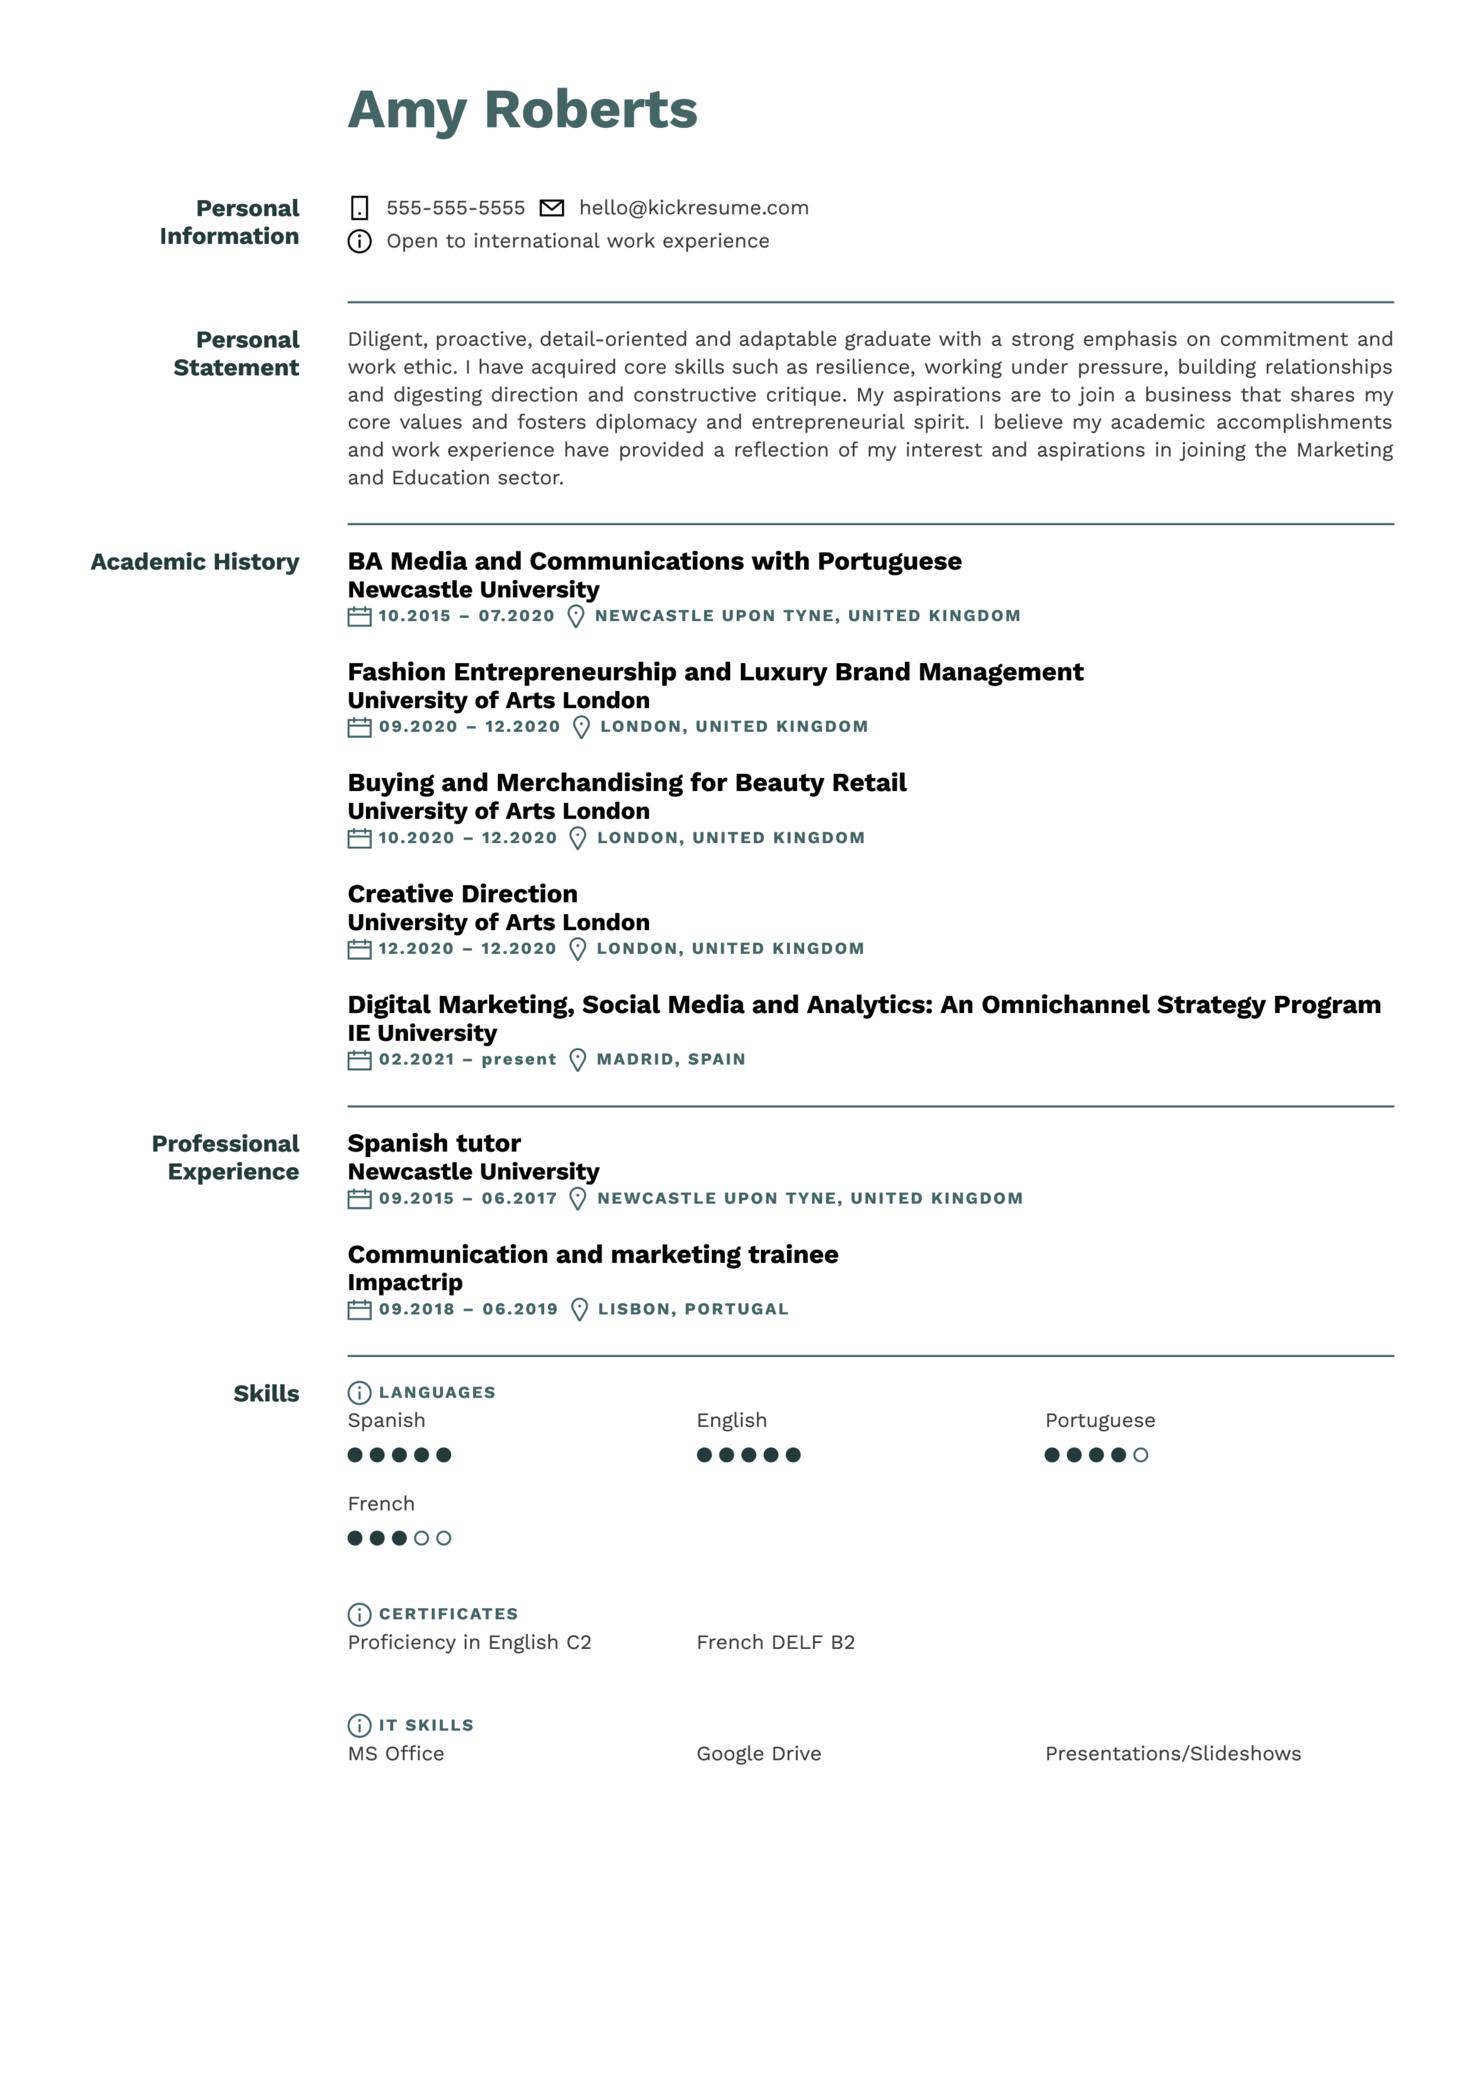 Analyst at ING Resume Sample (parte 1)